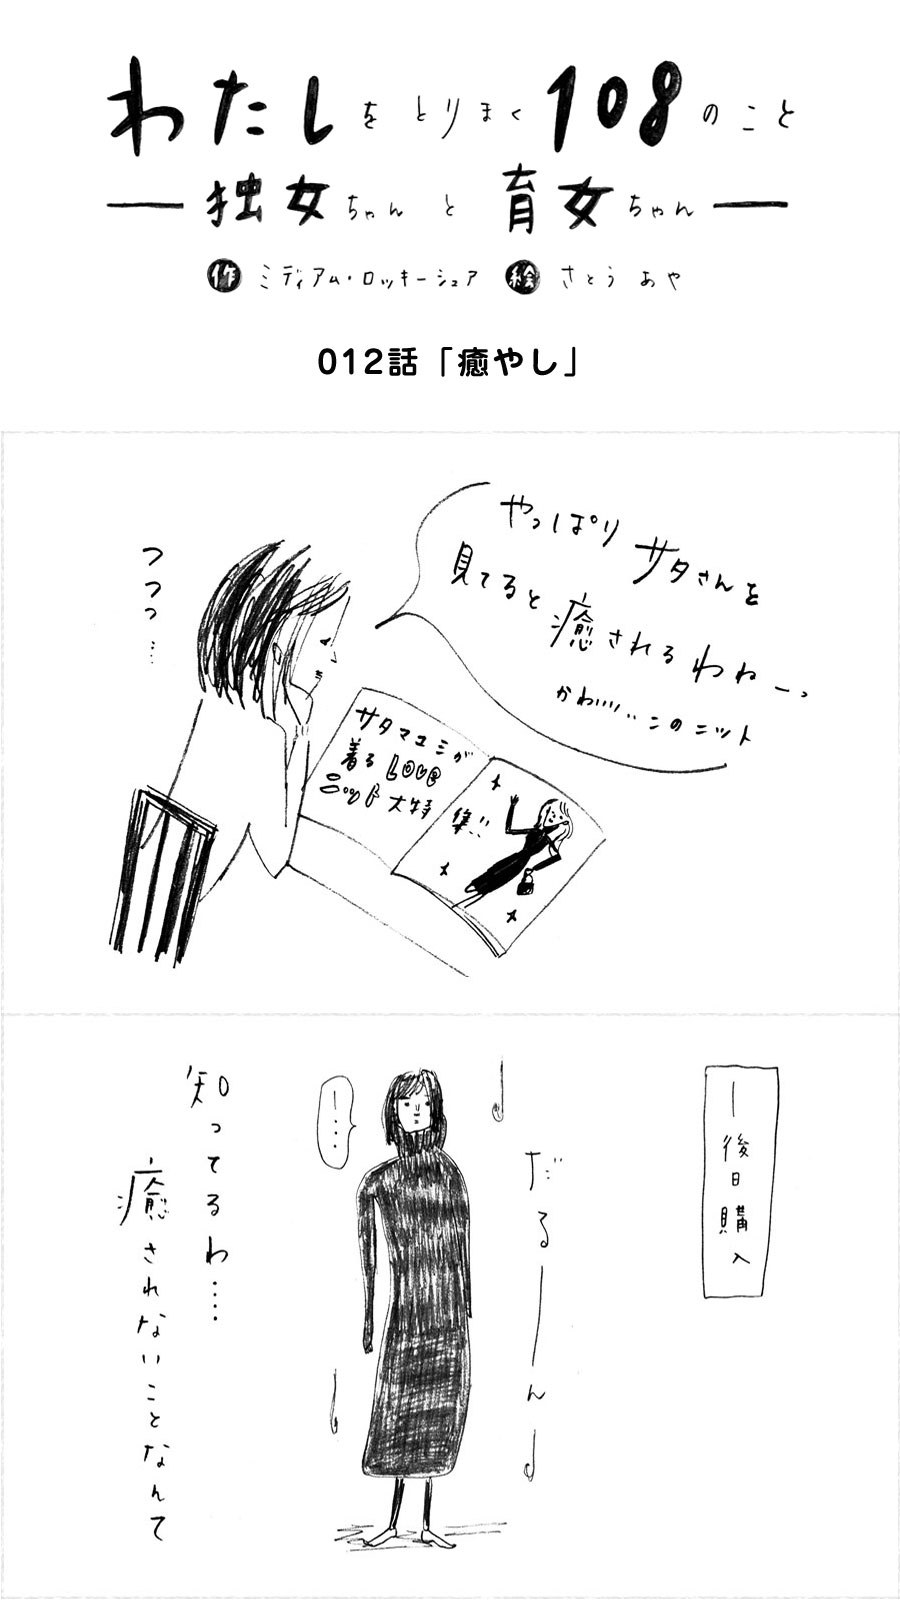 012_独女ちゃん_癒やし_002